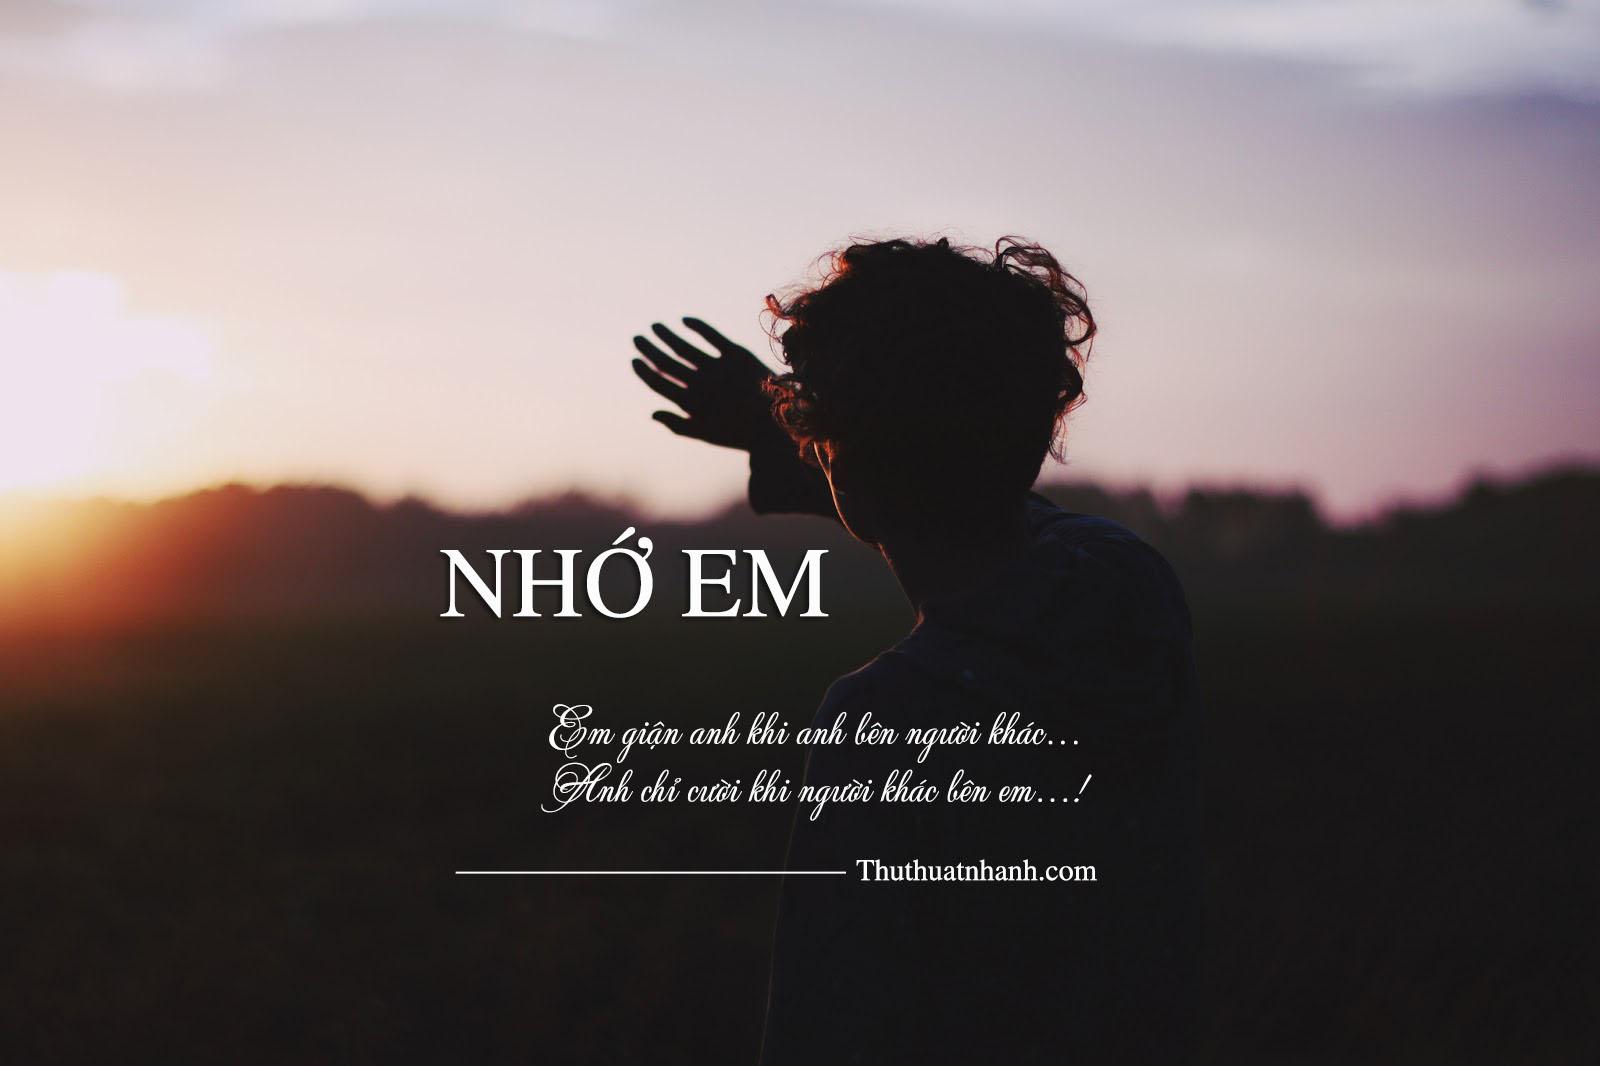 thơ nhớ em